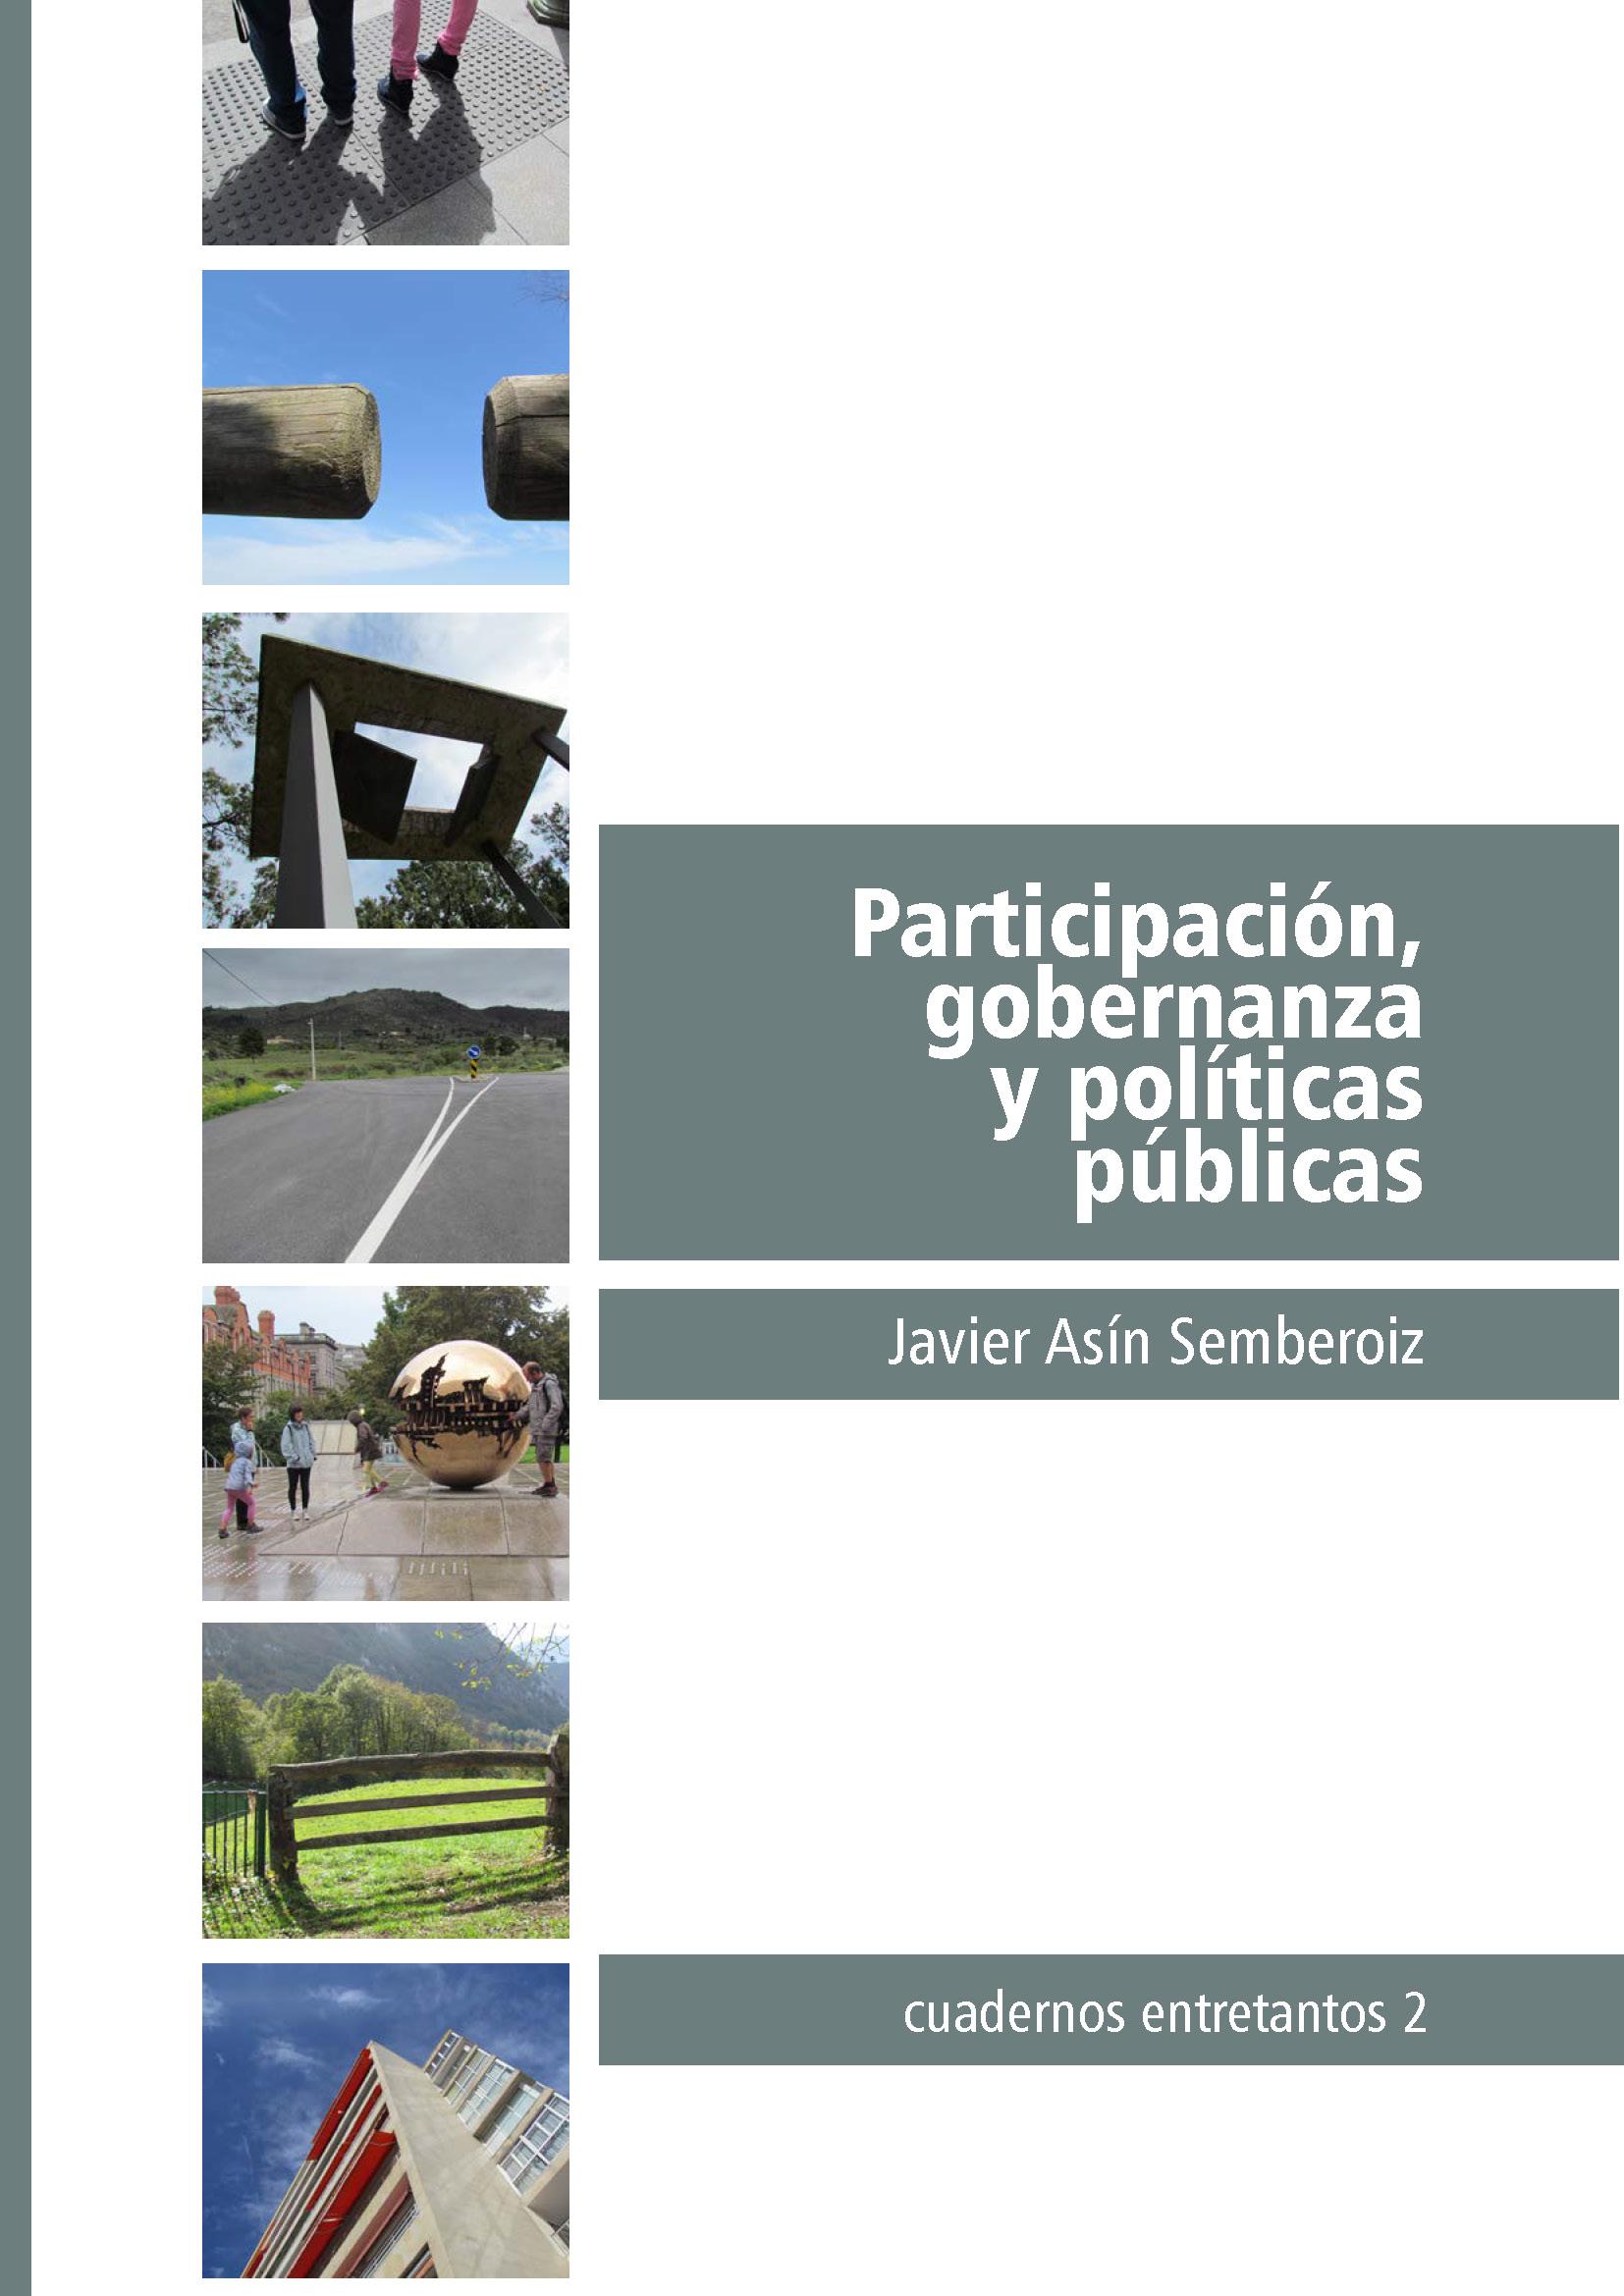 Cuadernos 2 Participación, gobernanza y políticas públicas